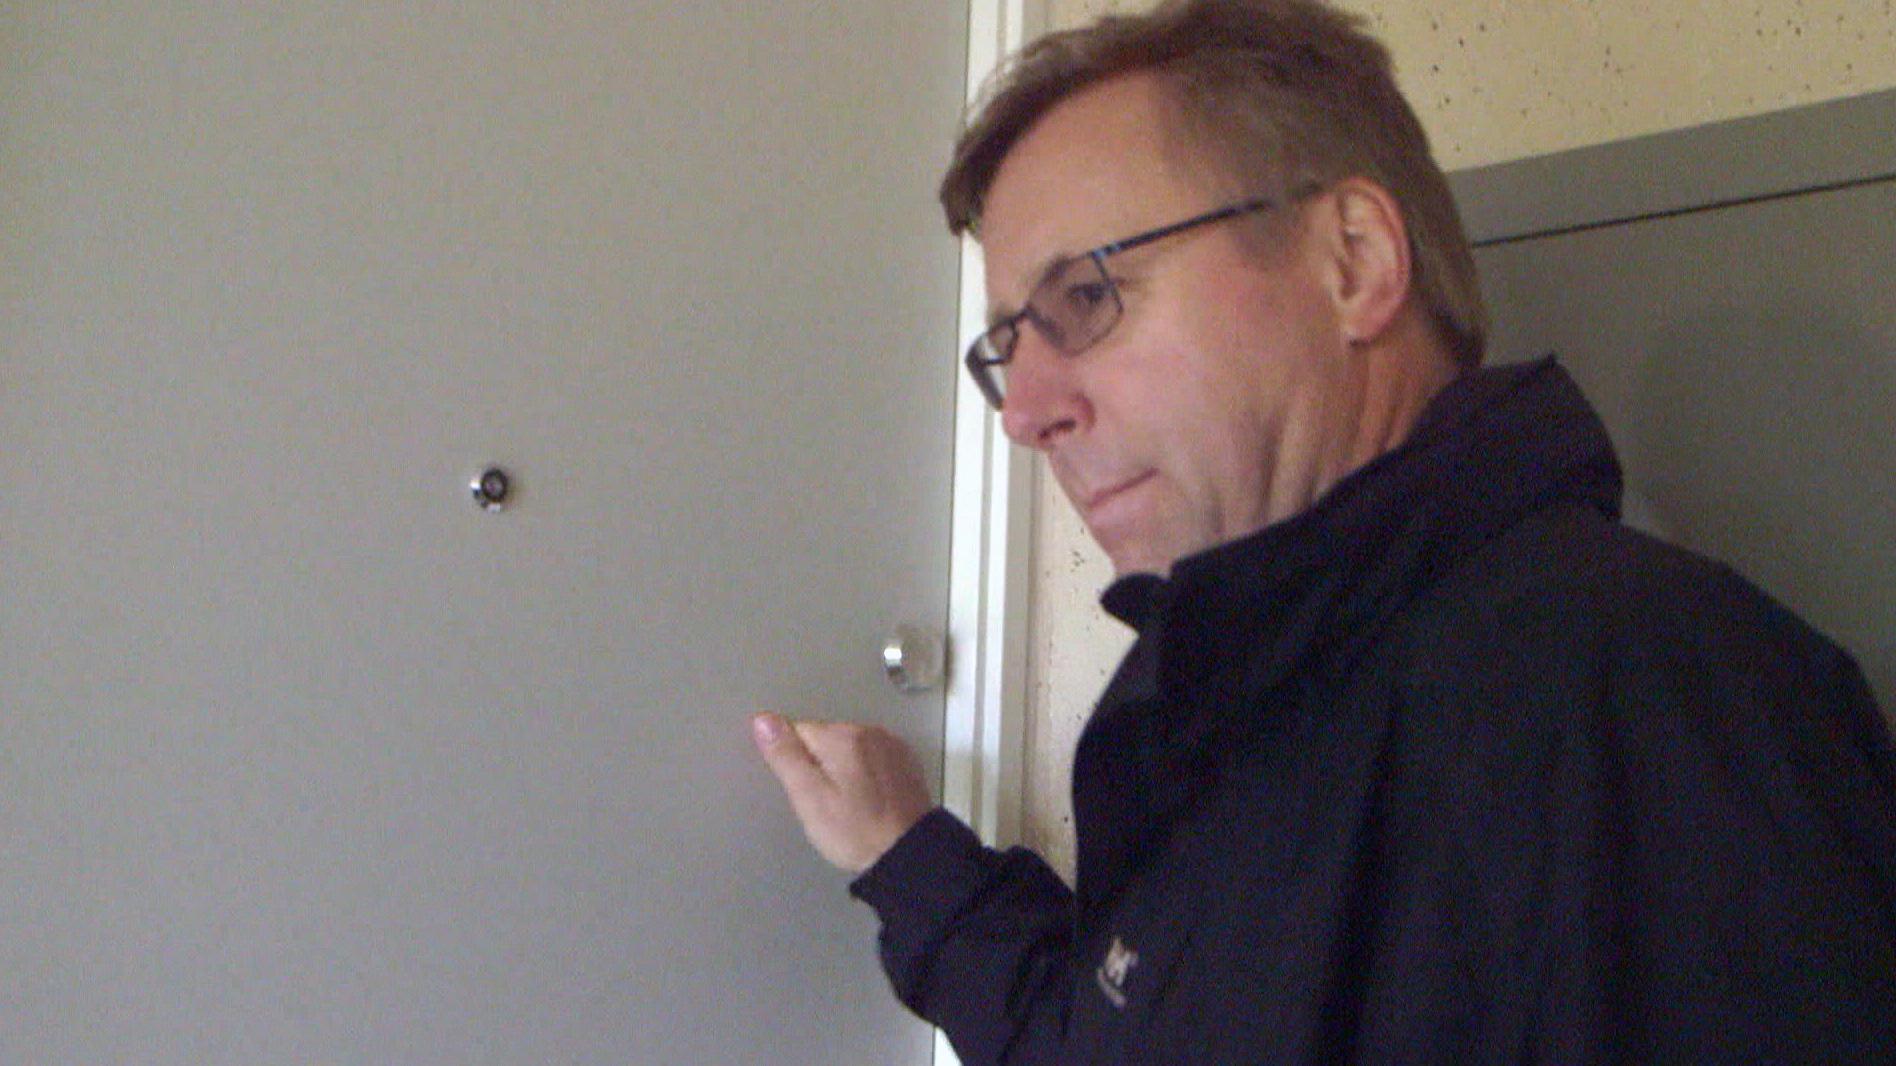 Kundechef Kurt Jørgensen banker på hos de beboere, der ikke har betalt husleje.